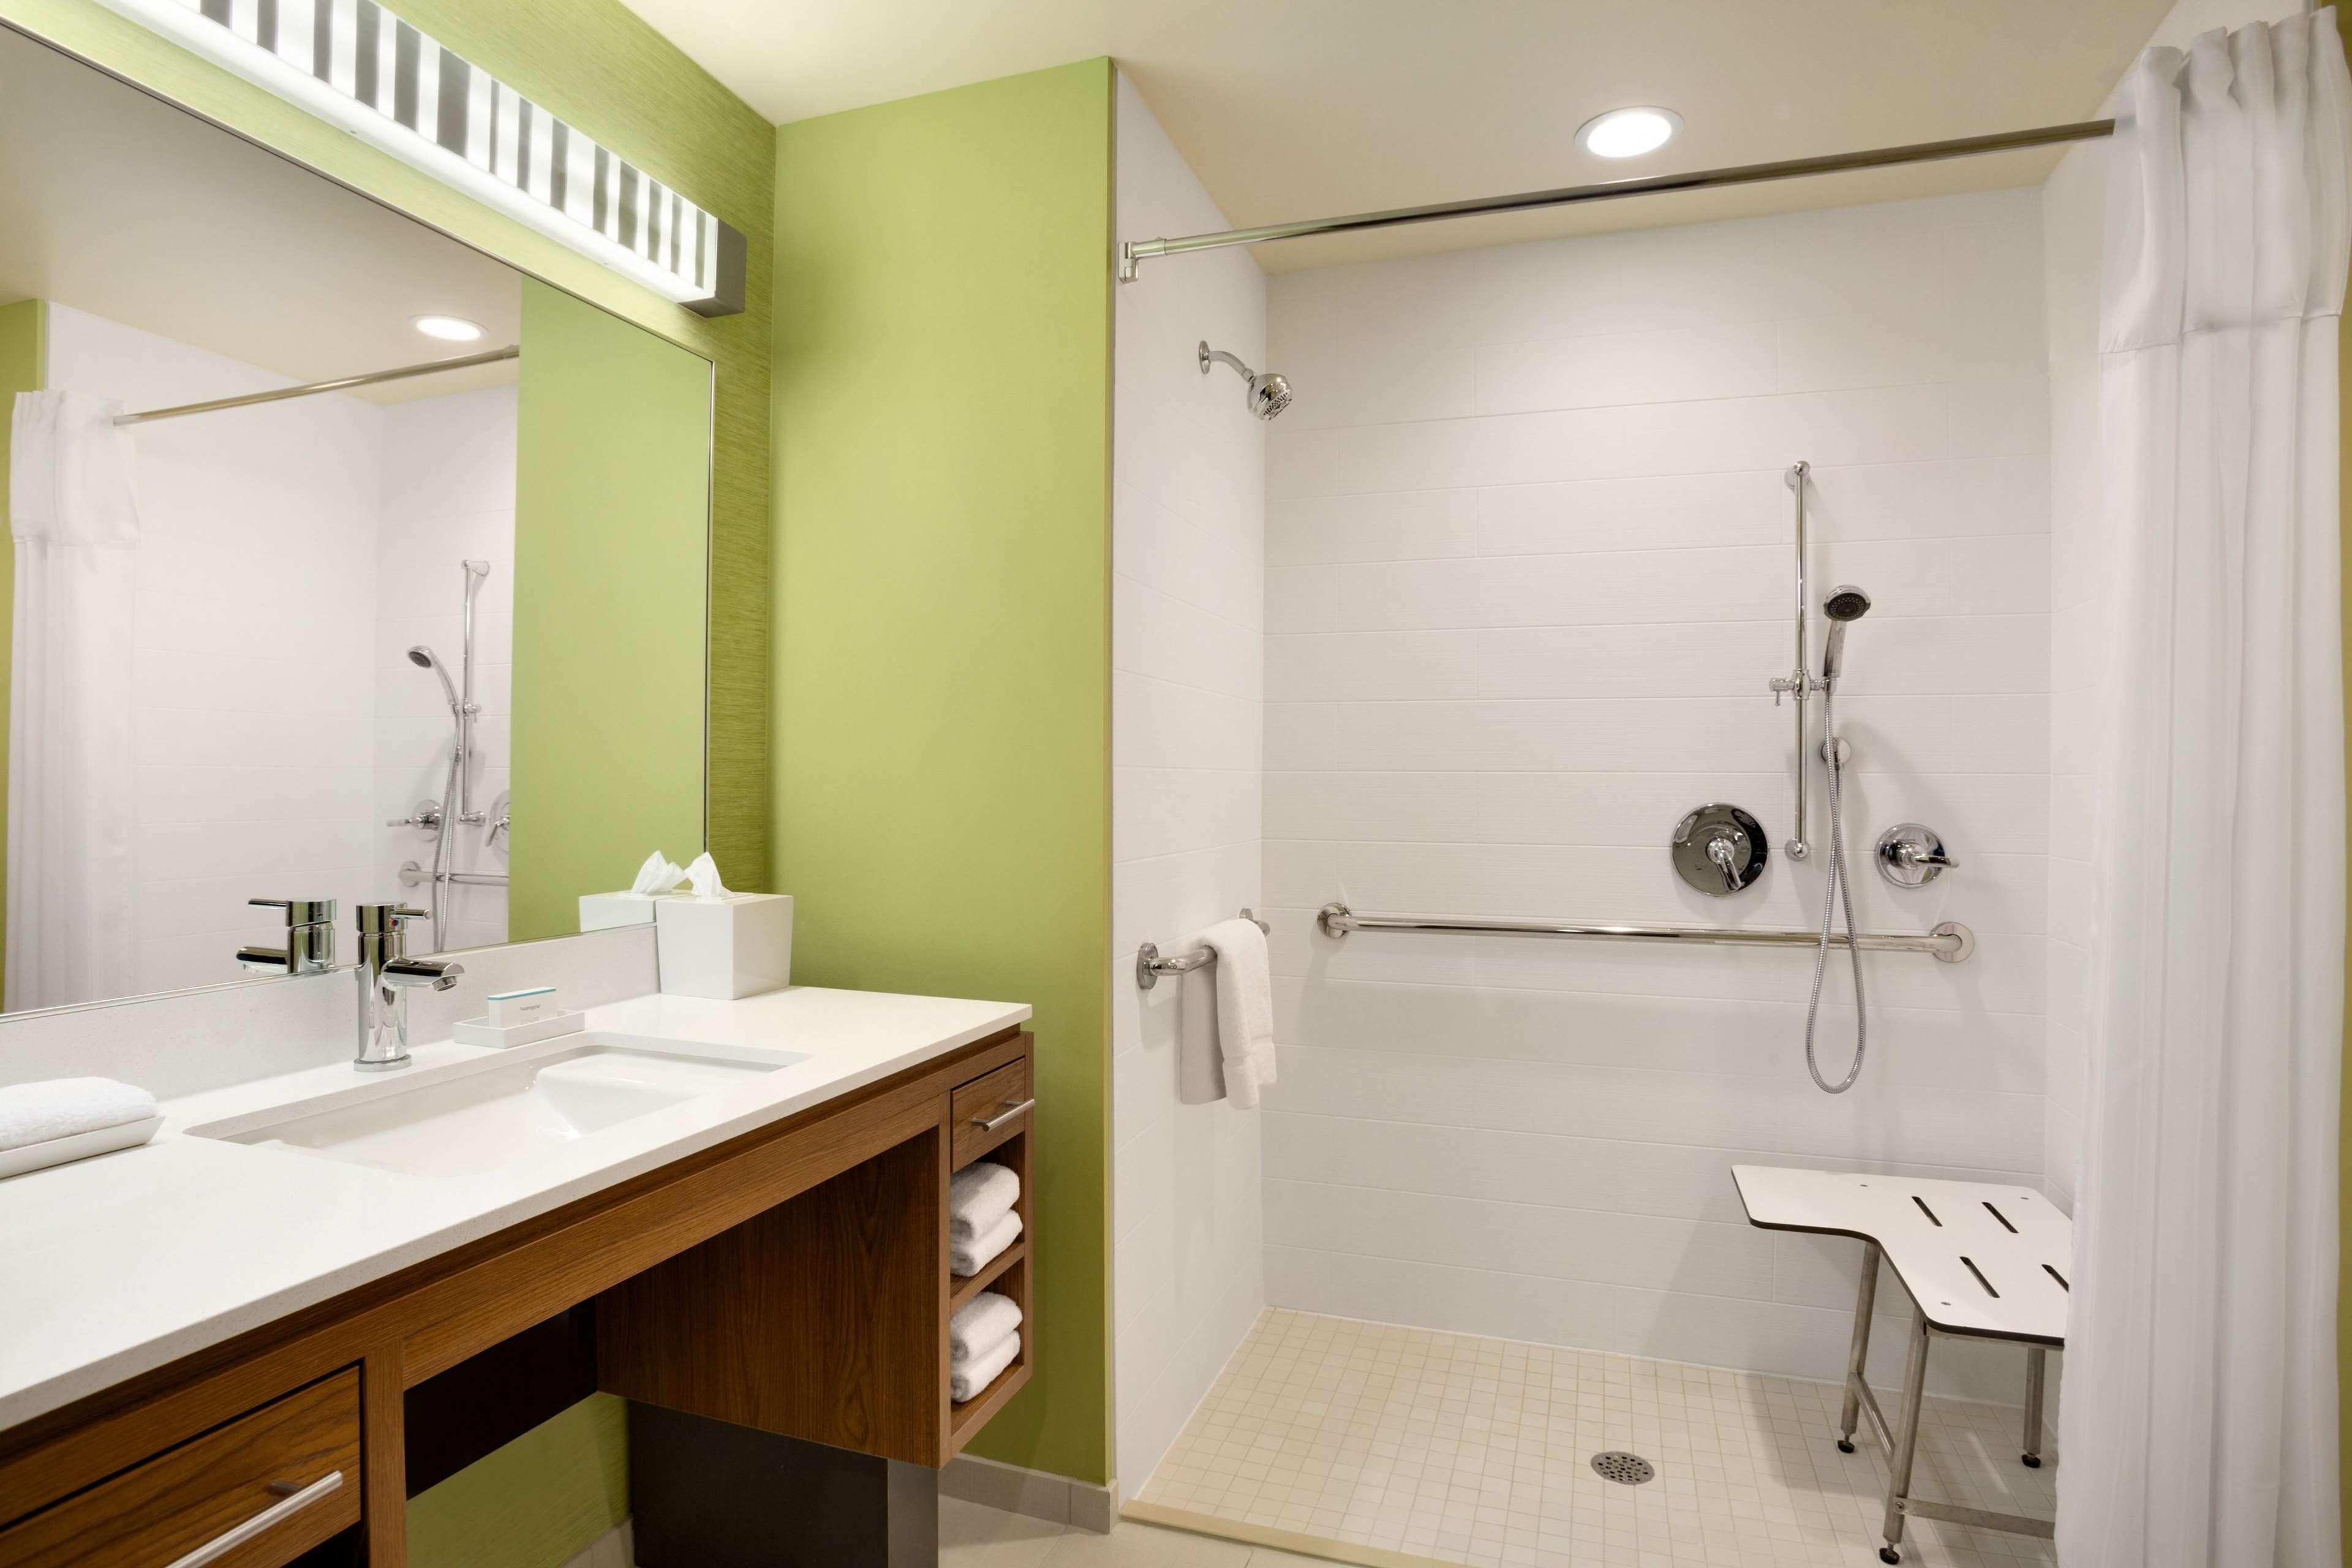 Home2 Suites by Hilton Birmingham Downtown image 22